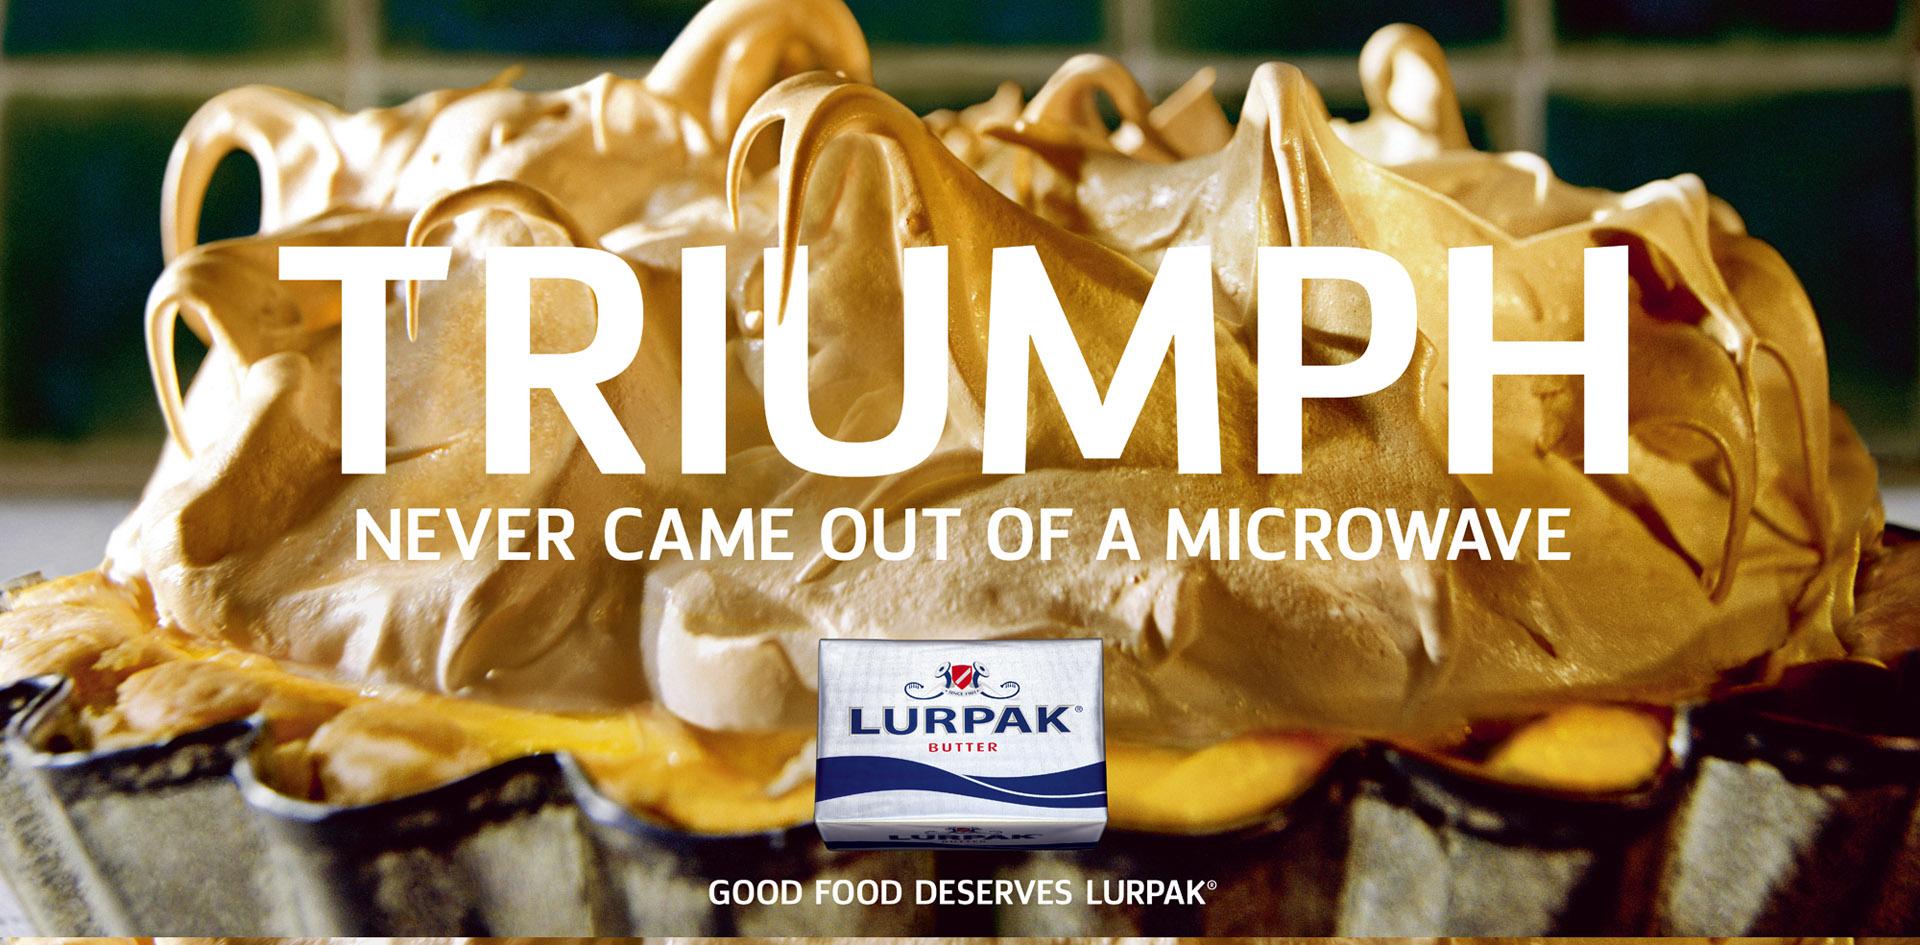 Nadege_Lurpak_Triumph